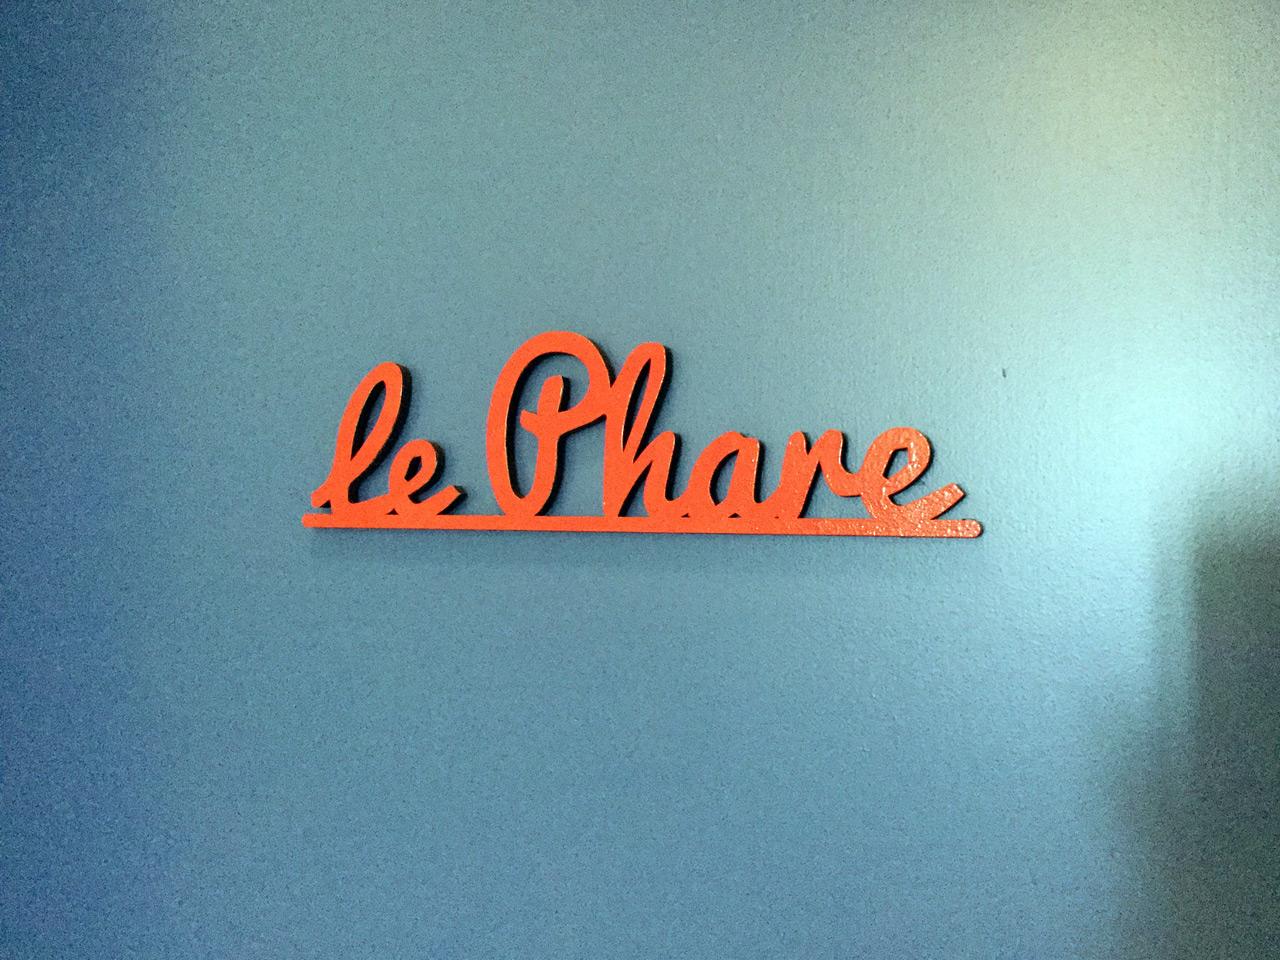 Phare_Enseigne